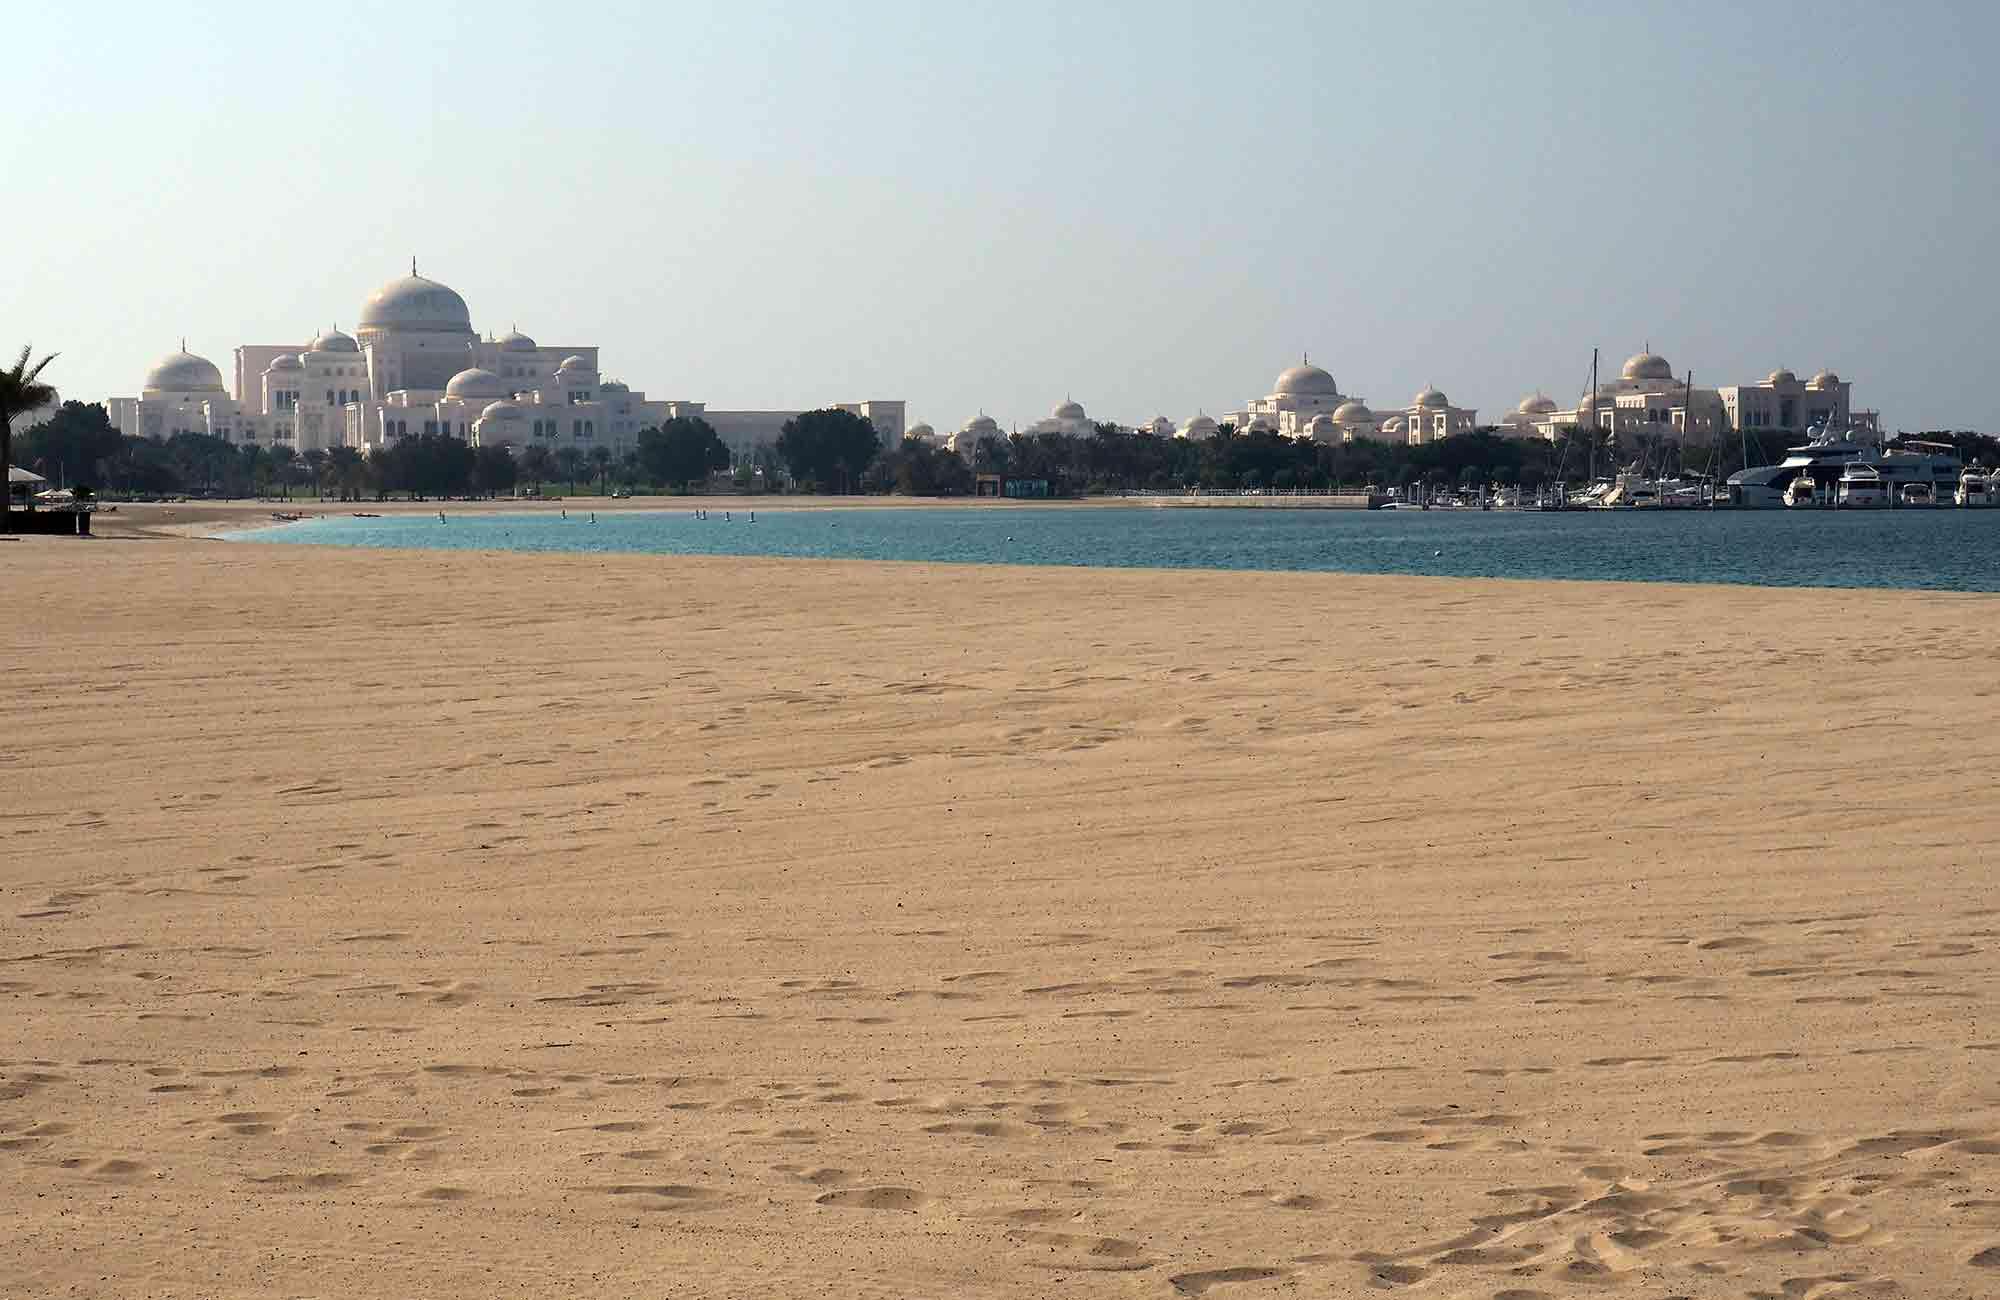 Voyage Abu Dhabi - Plage Emirates Palace - Amplitudes